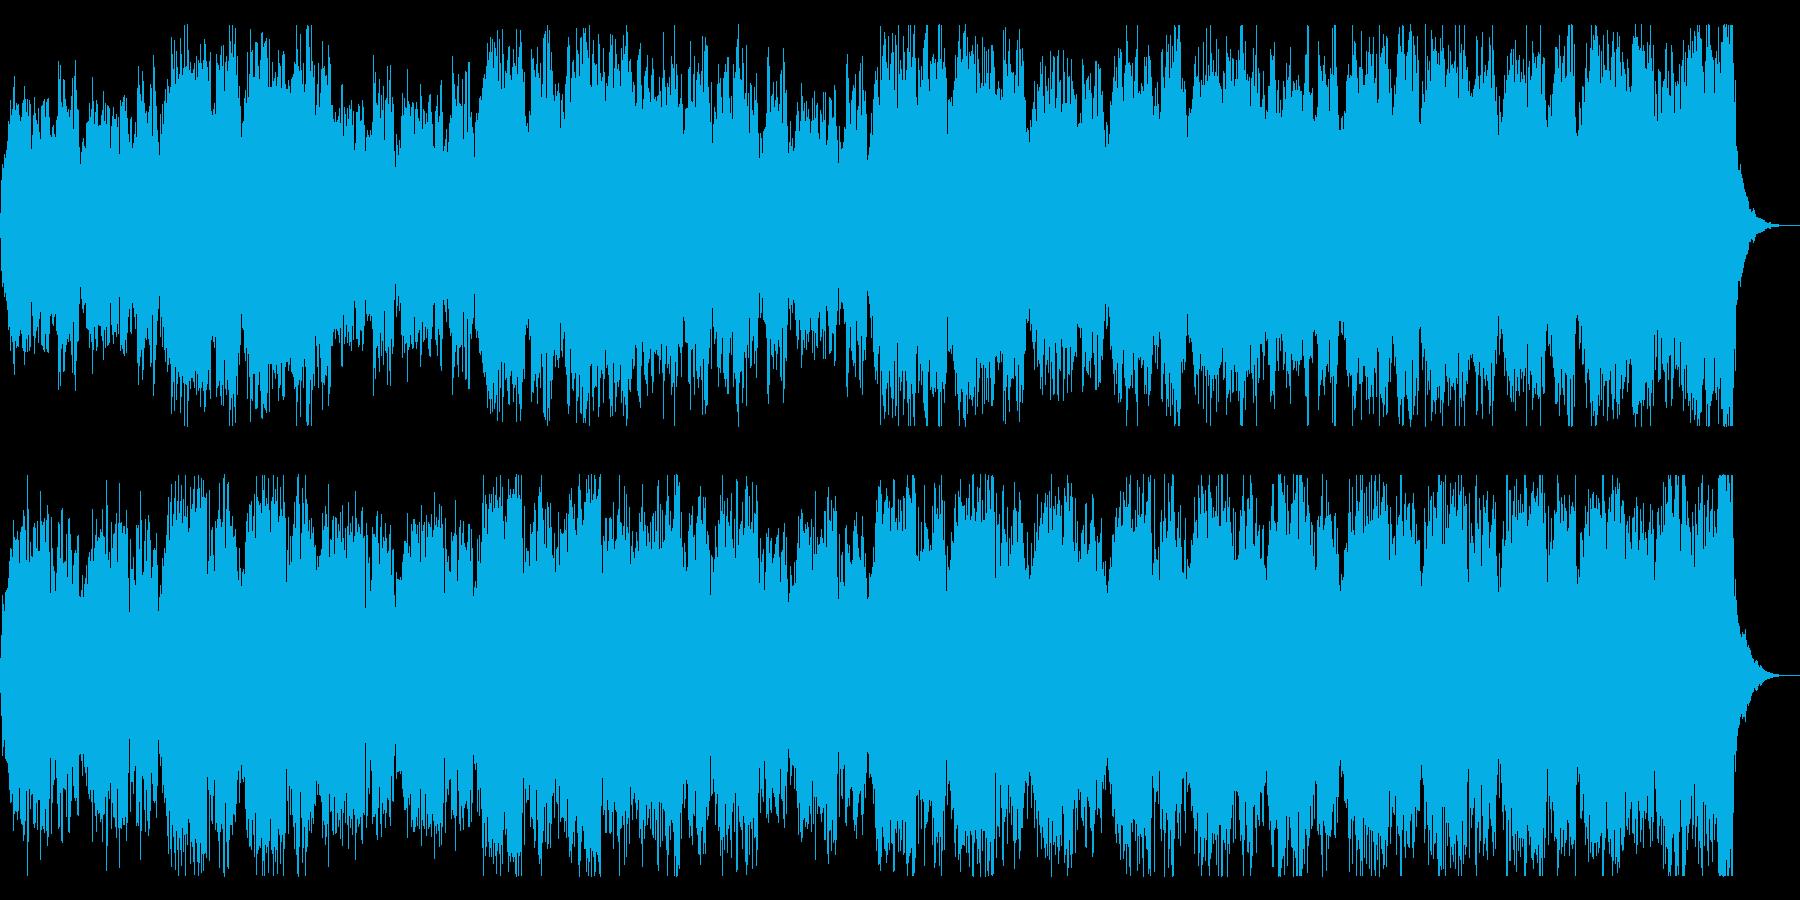 コーラスとストリングスのダークな世界観の再生済みの波形